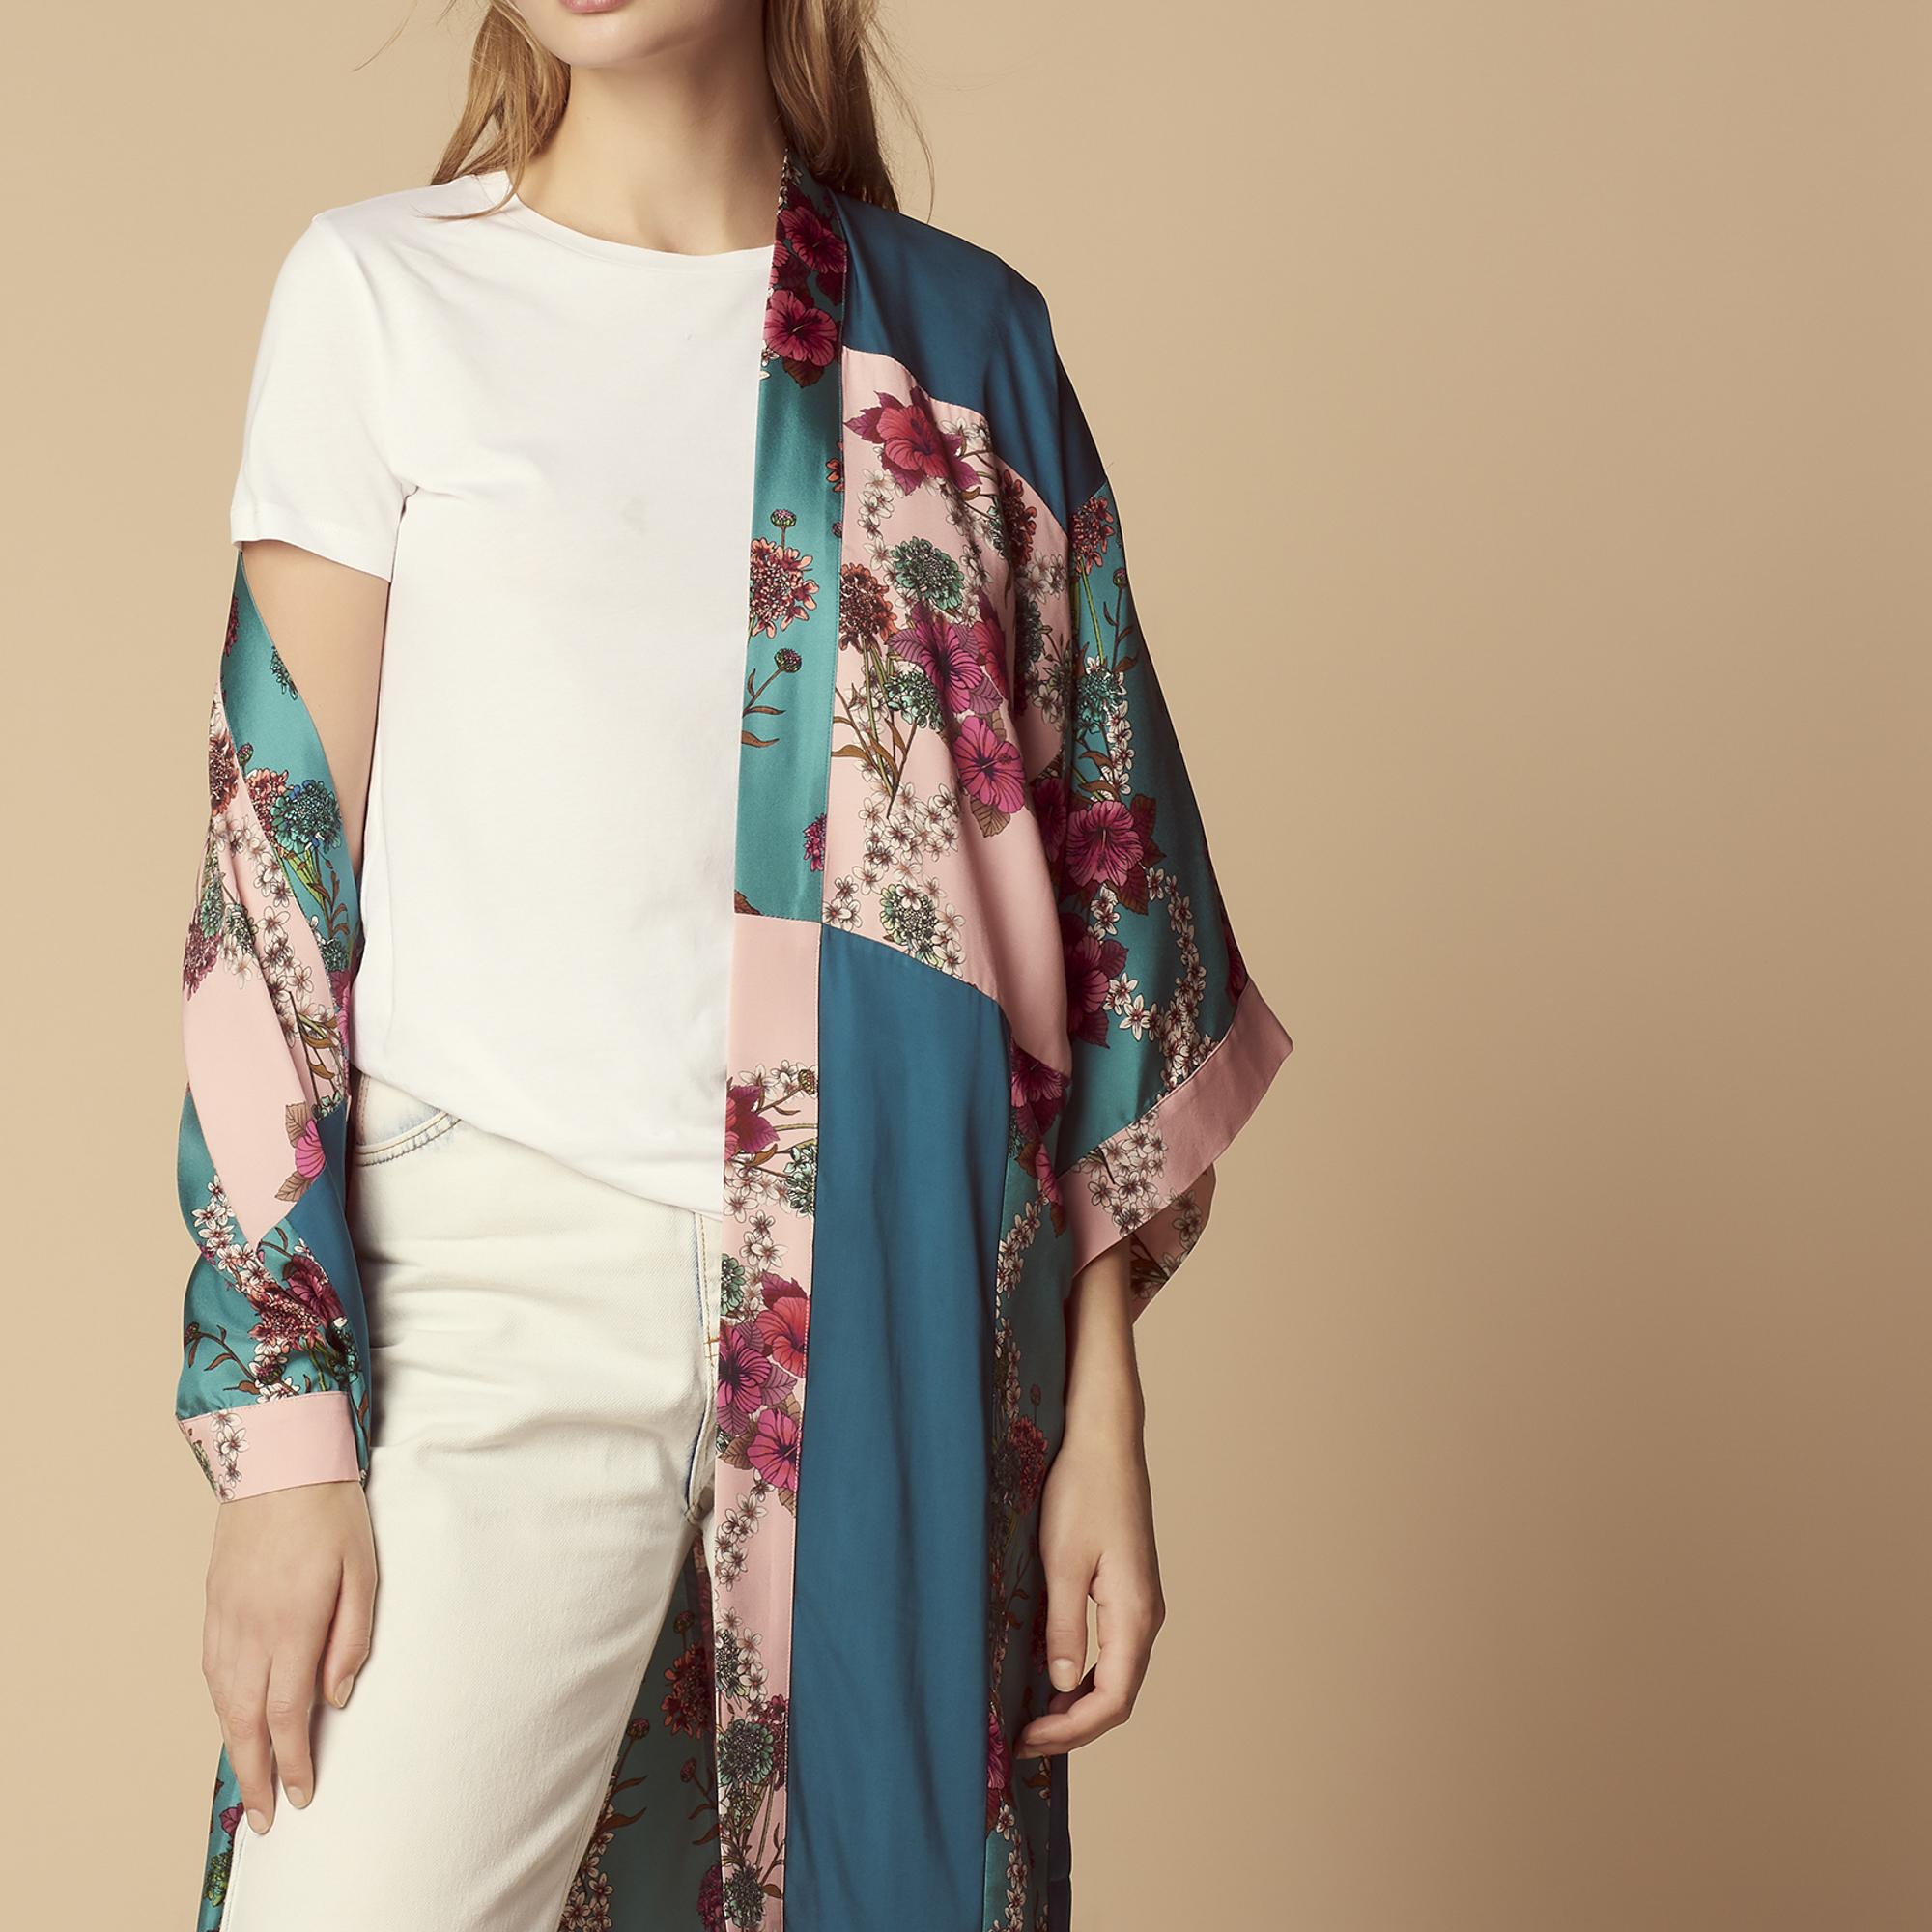 Giacca kimono lunga con stampa floreale : Giacche & Giubbotti colore Verde